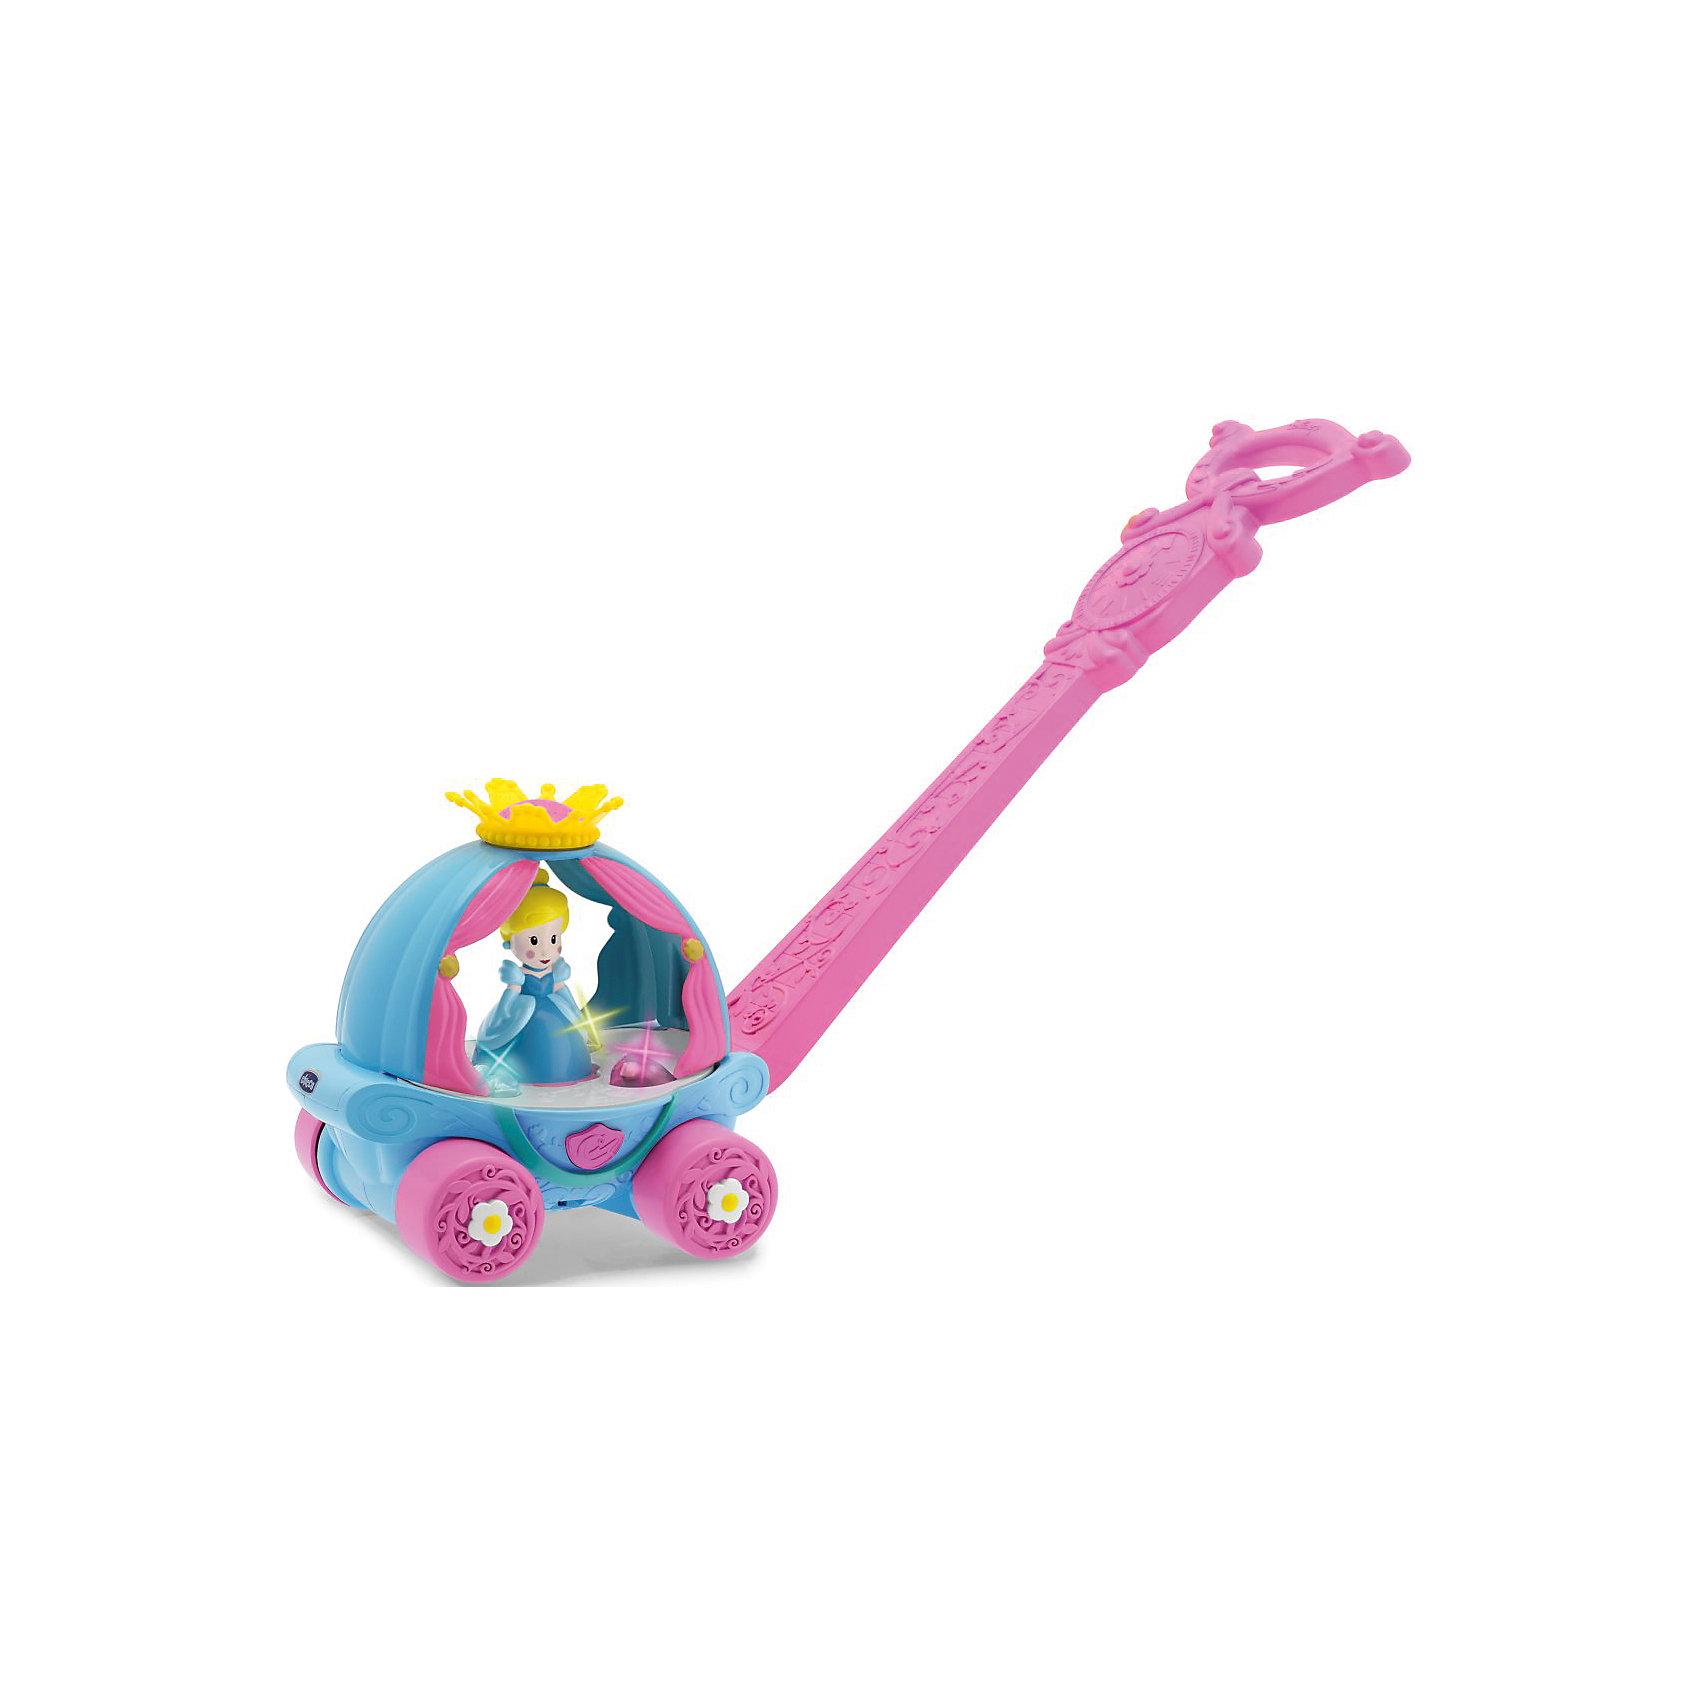 Игрушка Волшебная Карета Золушки, ChiccoИгрушки-каталки<br>Chicco представляет новую игрушку «Волшебная карета Золушки», которая стимулирует вашего ребенка делать как можно больше шажков, благодаря световым эффектам и мелодиям, которые активируются, когда малышка начинает толкать карету.<br>Как только ваша малышка толкнет карету, огоньки засияют, а Золушка начнет кружиться в танце под чарующую мелодию. Декорированную ручку кареты можно регулировать по высоте. А еще ее можно снять – и продолжить играть с каретой на колесиках. Игрушку без ручки можно использовать, даже когда ребенок подрастет.<br><br>Ширина мм: 215<br>Глубина мм: 185<br>Высота мм: 423<br>Вес г: 783<br>Возраст от месяцев: 12<br>Возраст до месяцев: 36<br>Пол: Женский<br>Возраст: Детский<br>SKU: 5105201